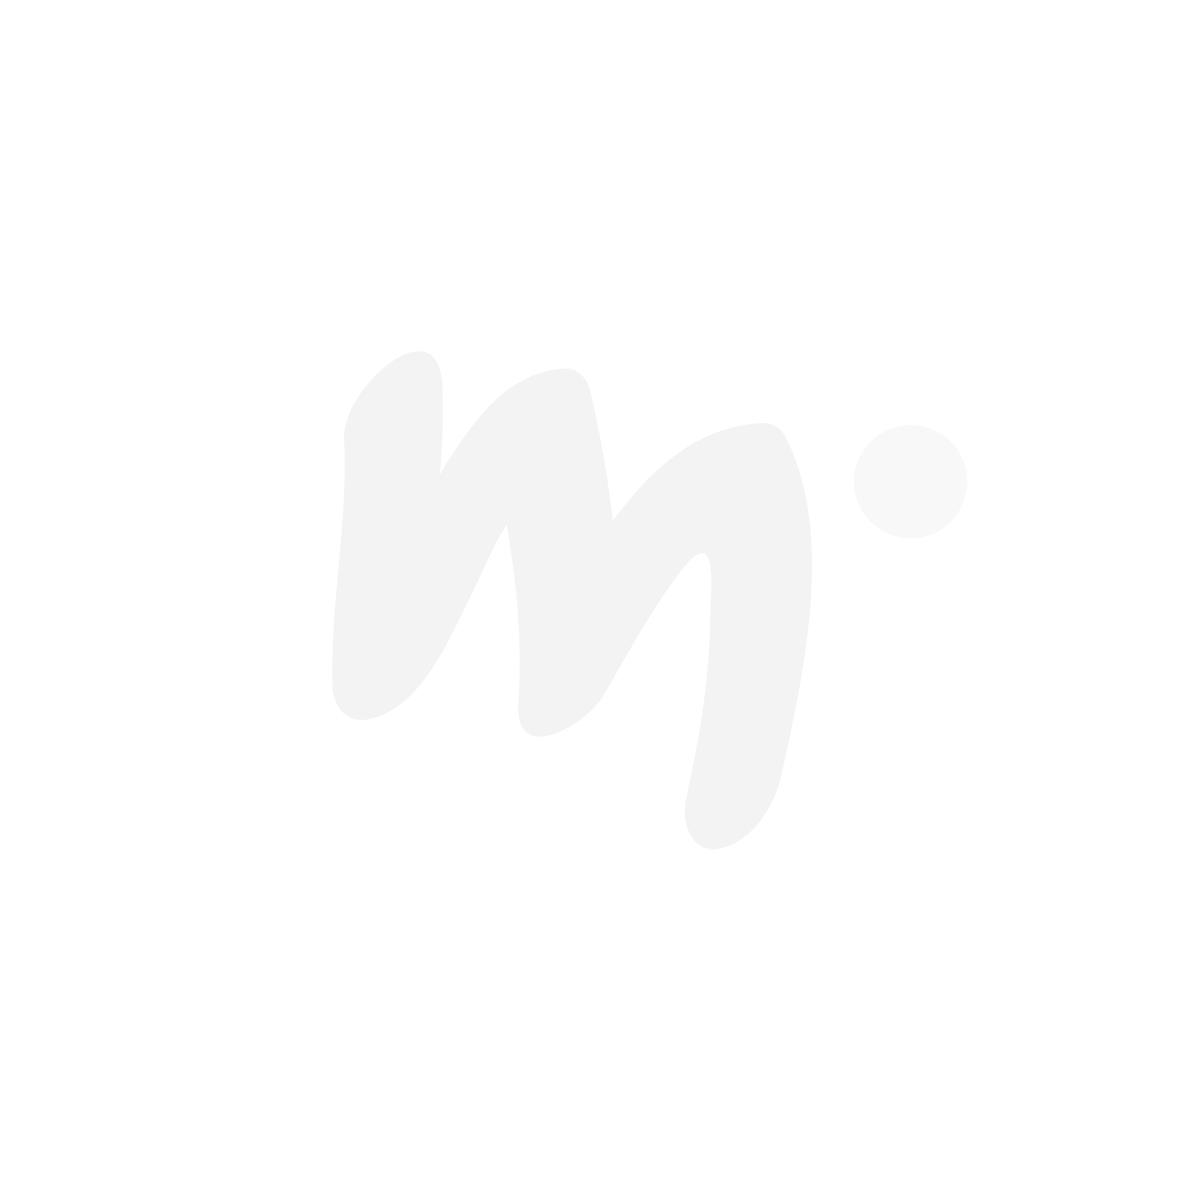 Moomin Hemulens Dress